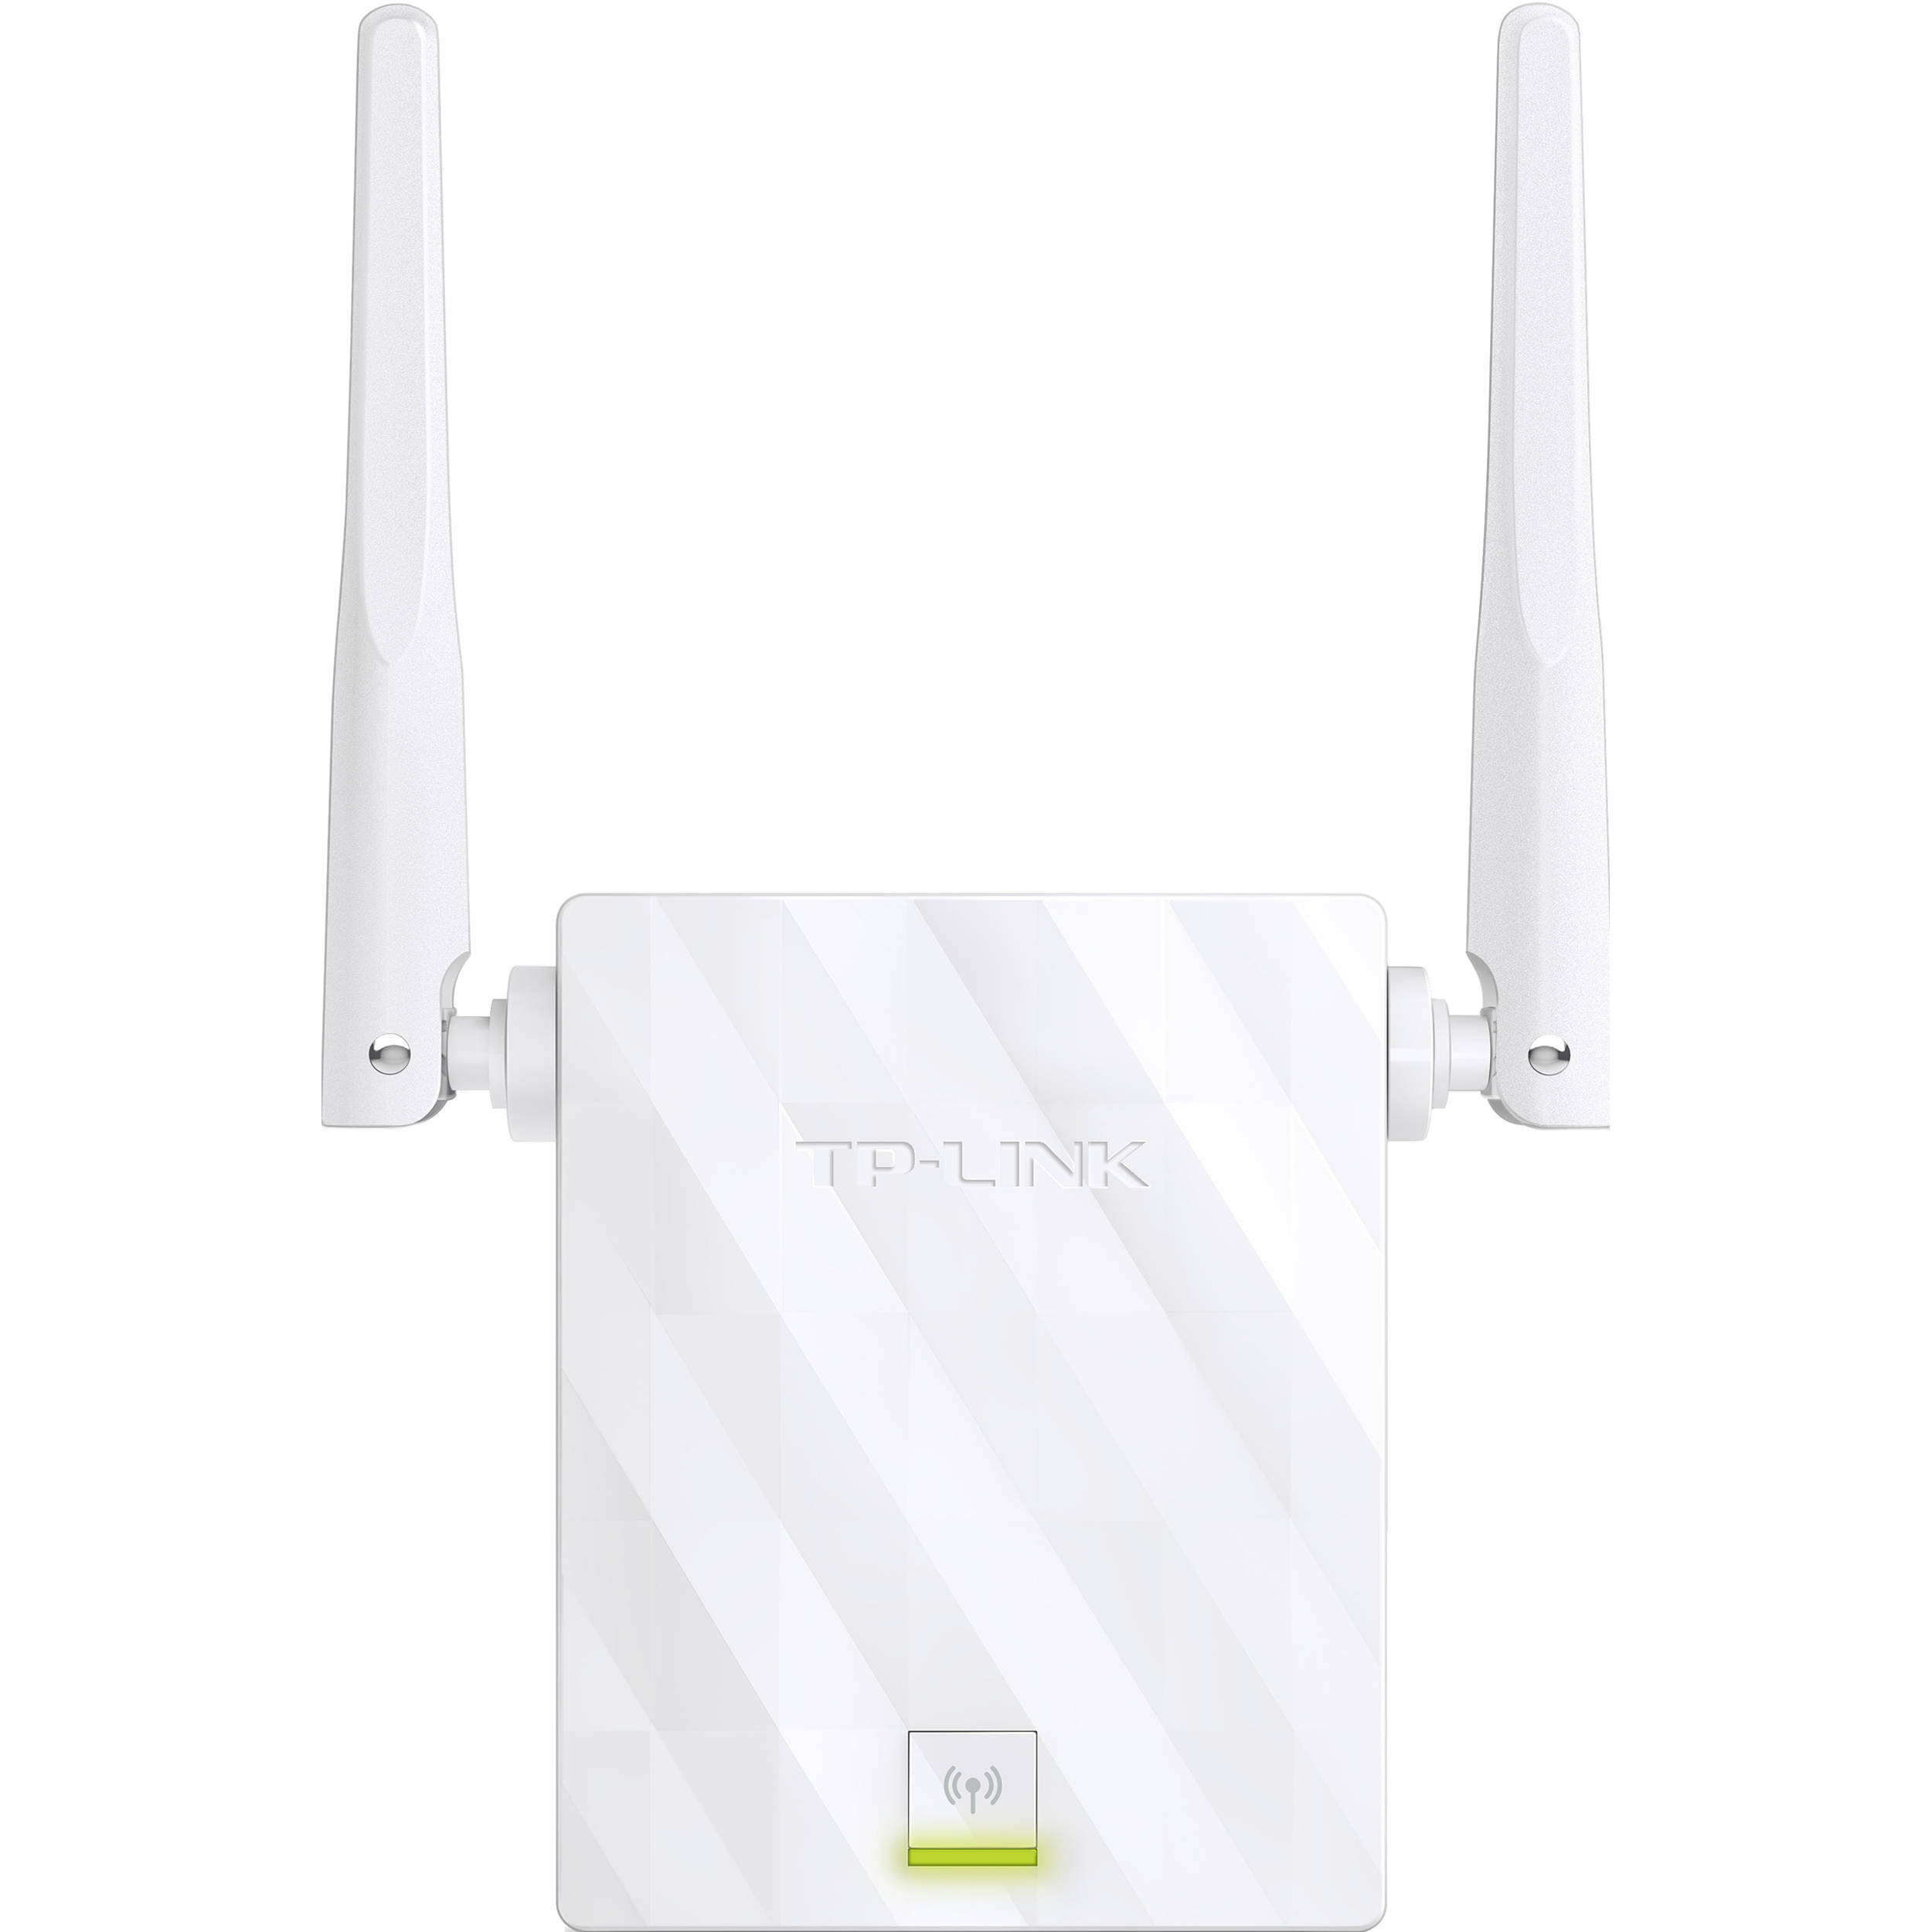 TP-Link TL-WA855RE Wireless-N300 Range Extender